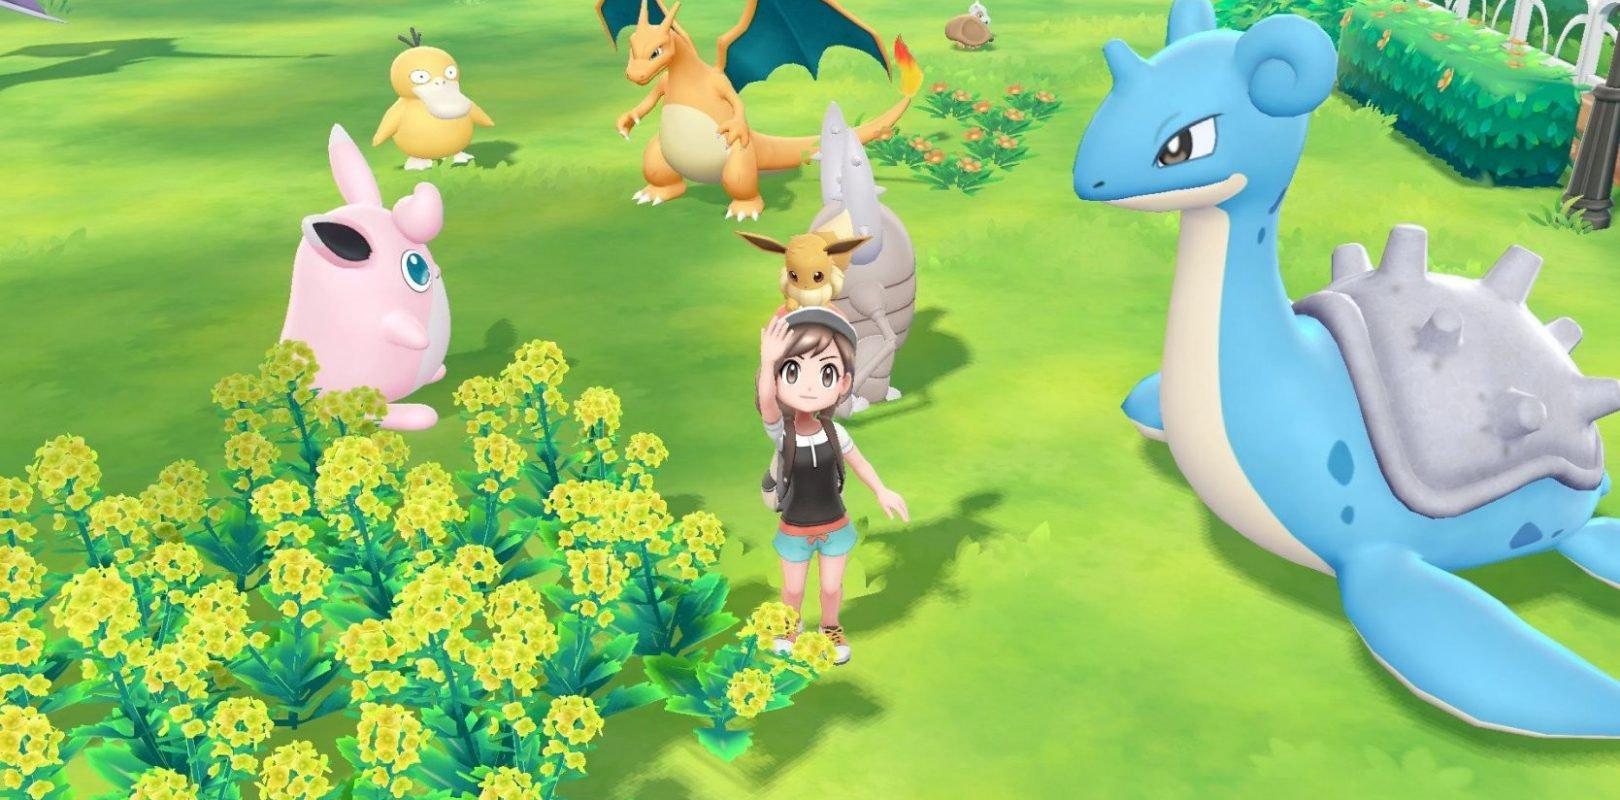 'Pokemon: Let's Go'